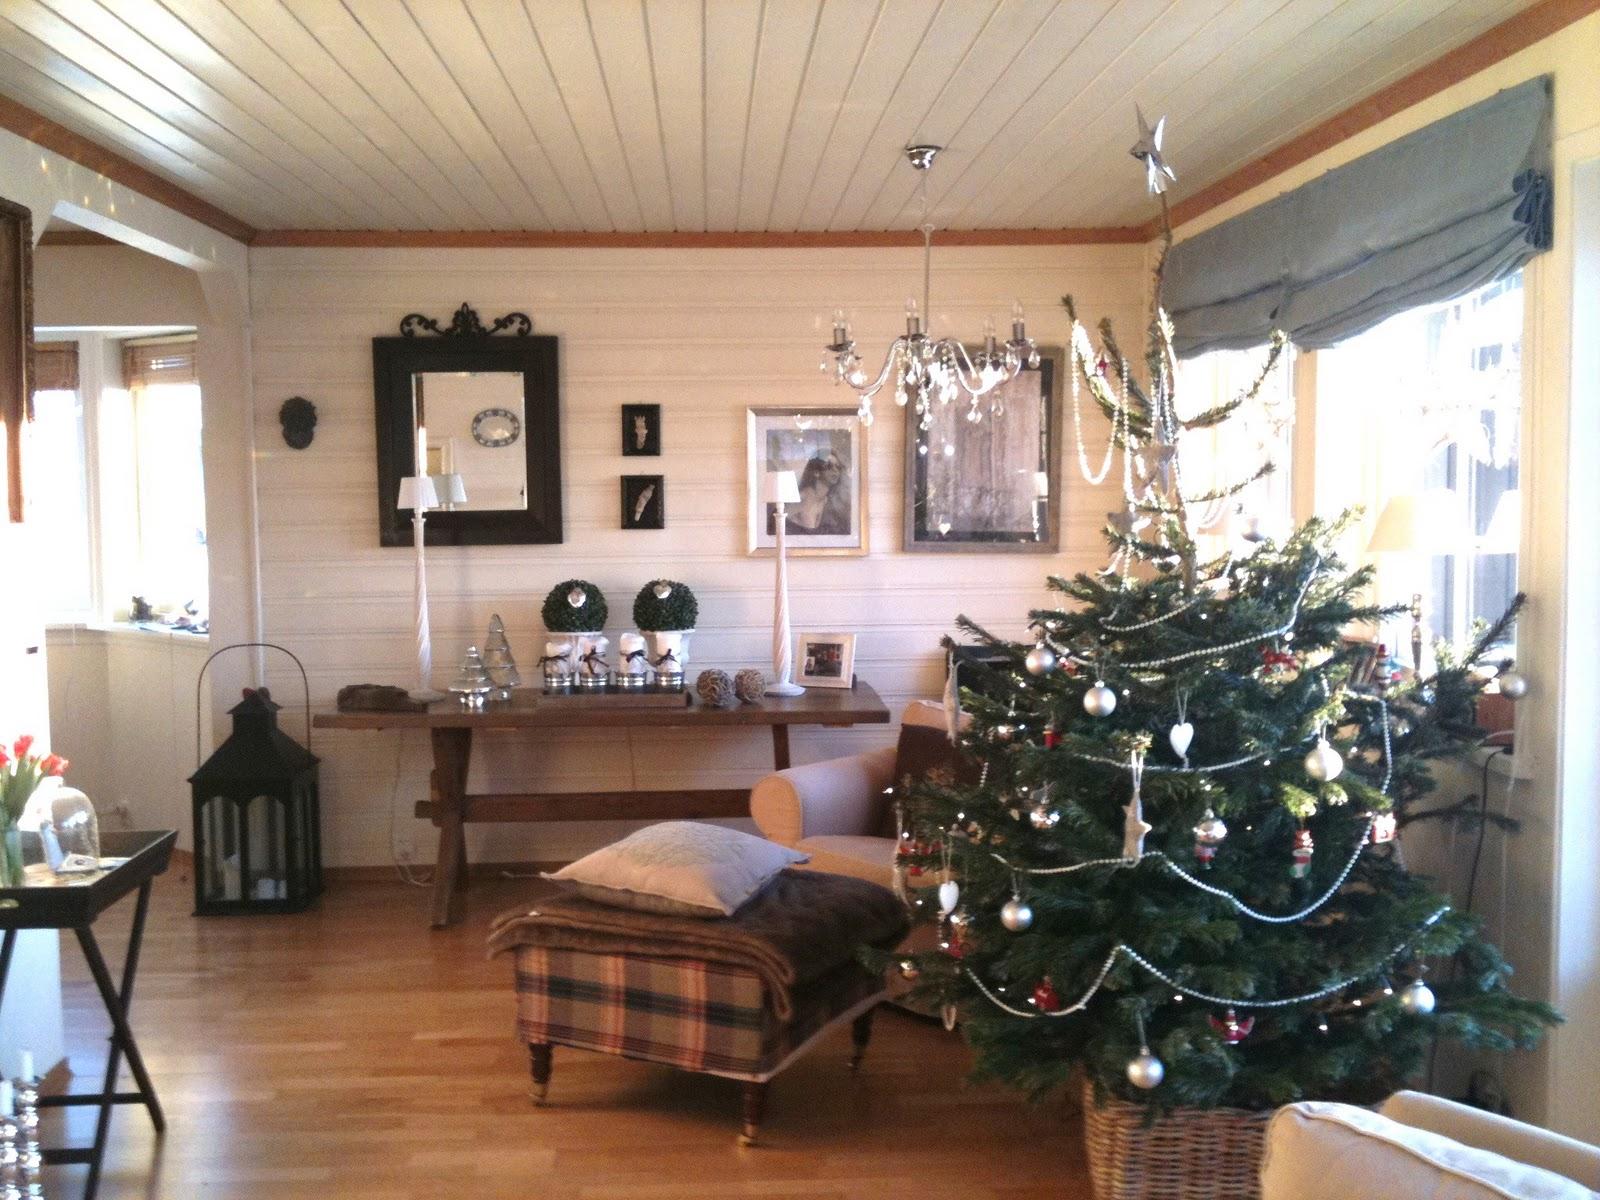 8ae05671 JUL I STUA....Toppen på juletreet...er meget skjevt...men vi hadde ikke  hjerte til å kutte den av...var jo litt sjarmerende og morsomt.